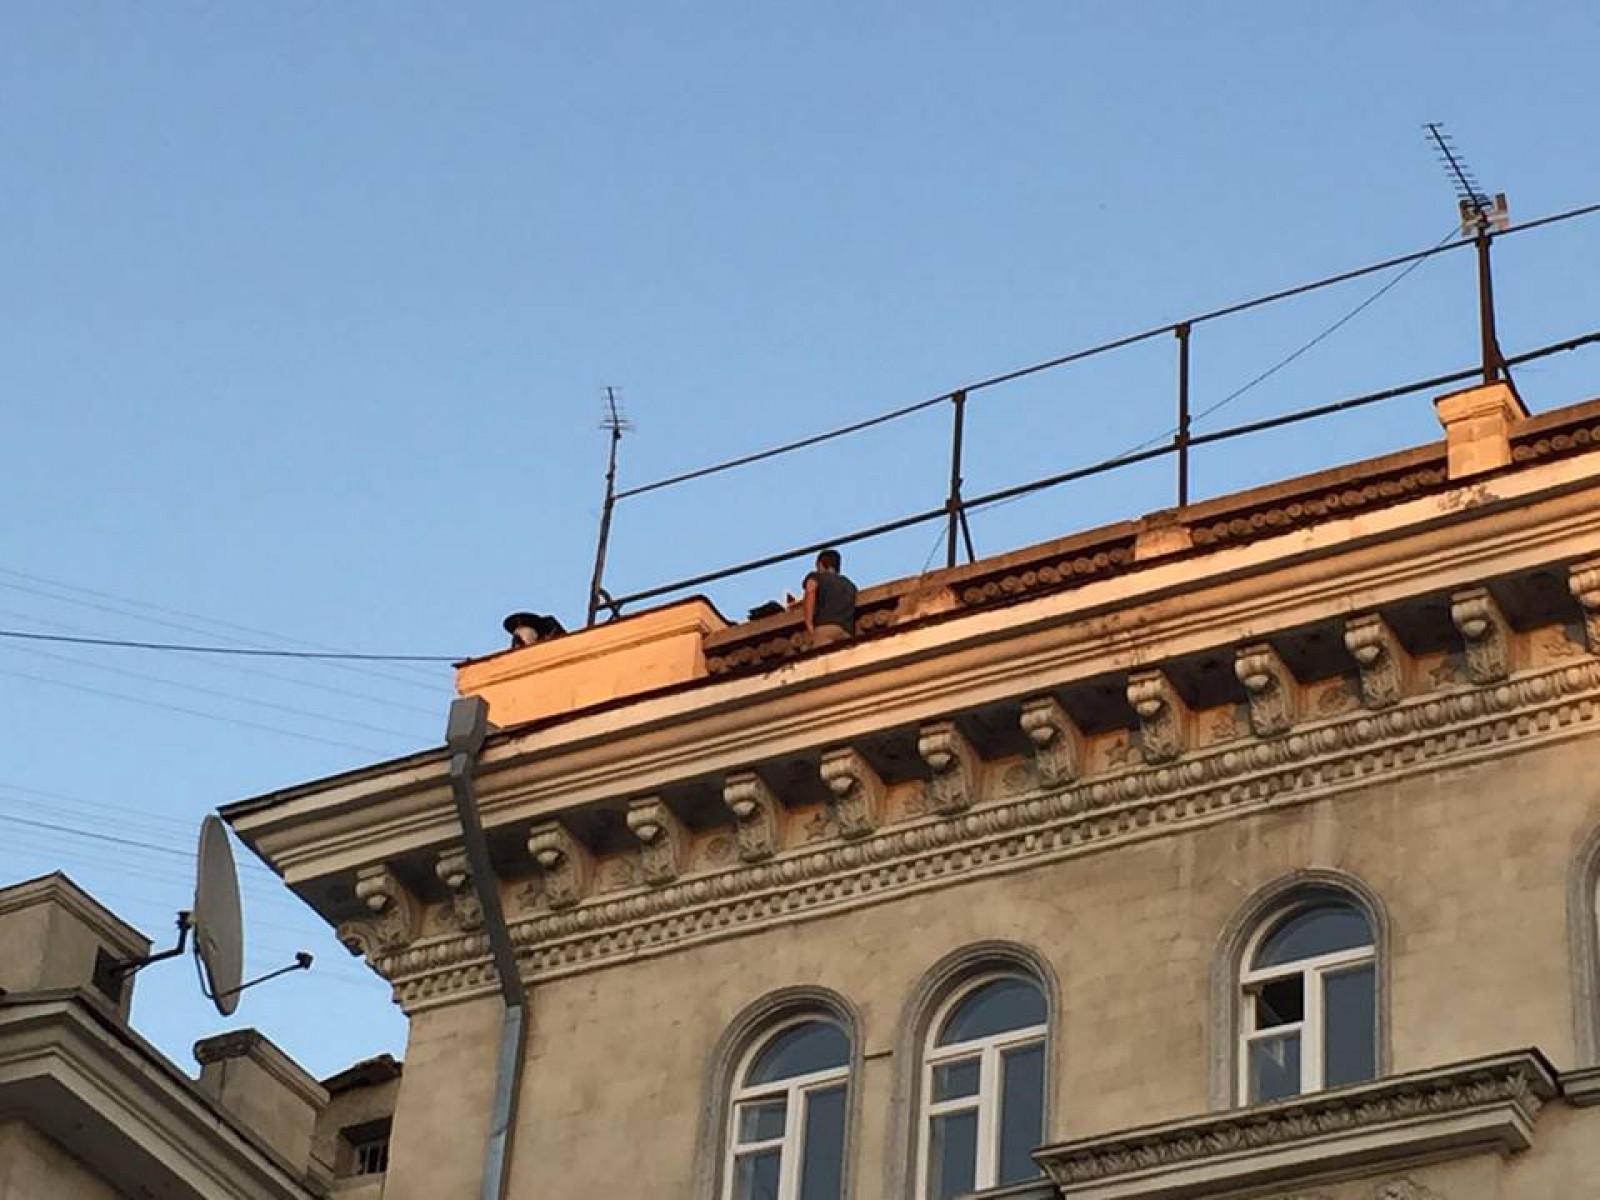 (foto/update) Tânărul, care a dorit să-și pună capăt zilelor sărind în gol de pe o clădire din centrul capitalei, a fost convins să renunțe la acest gest